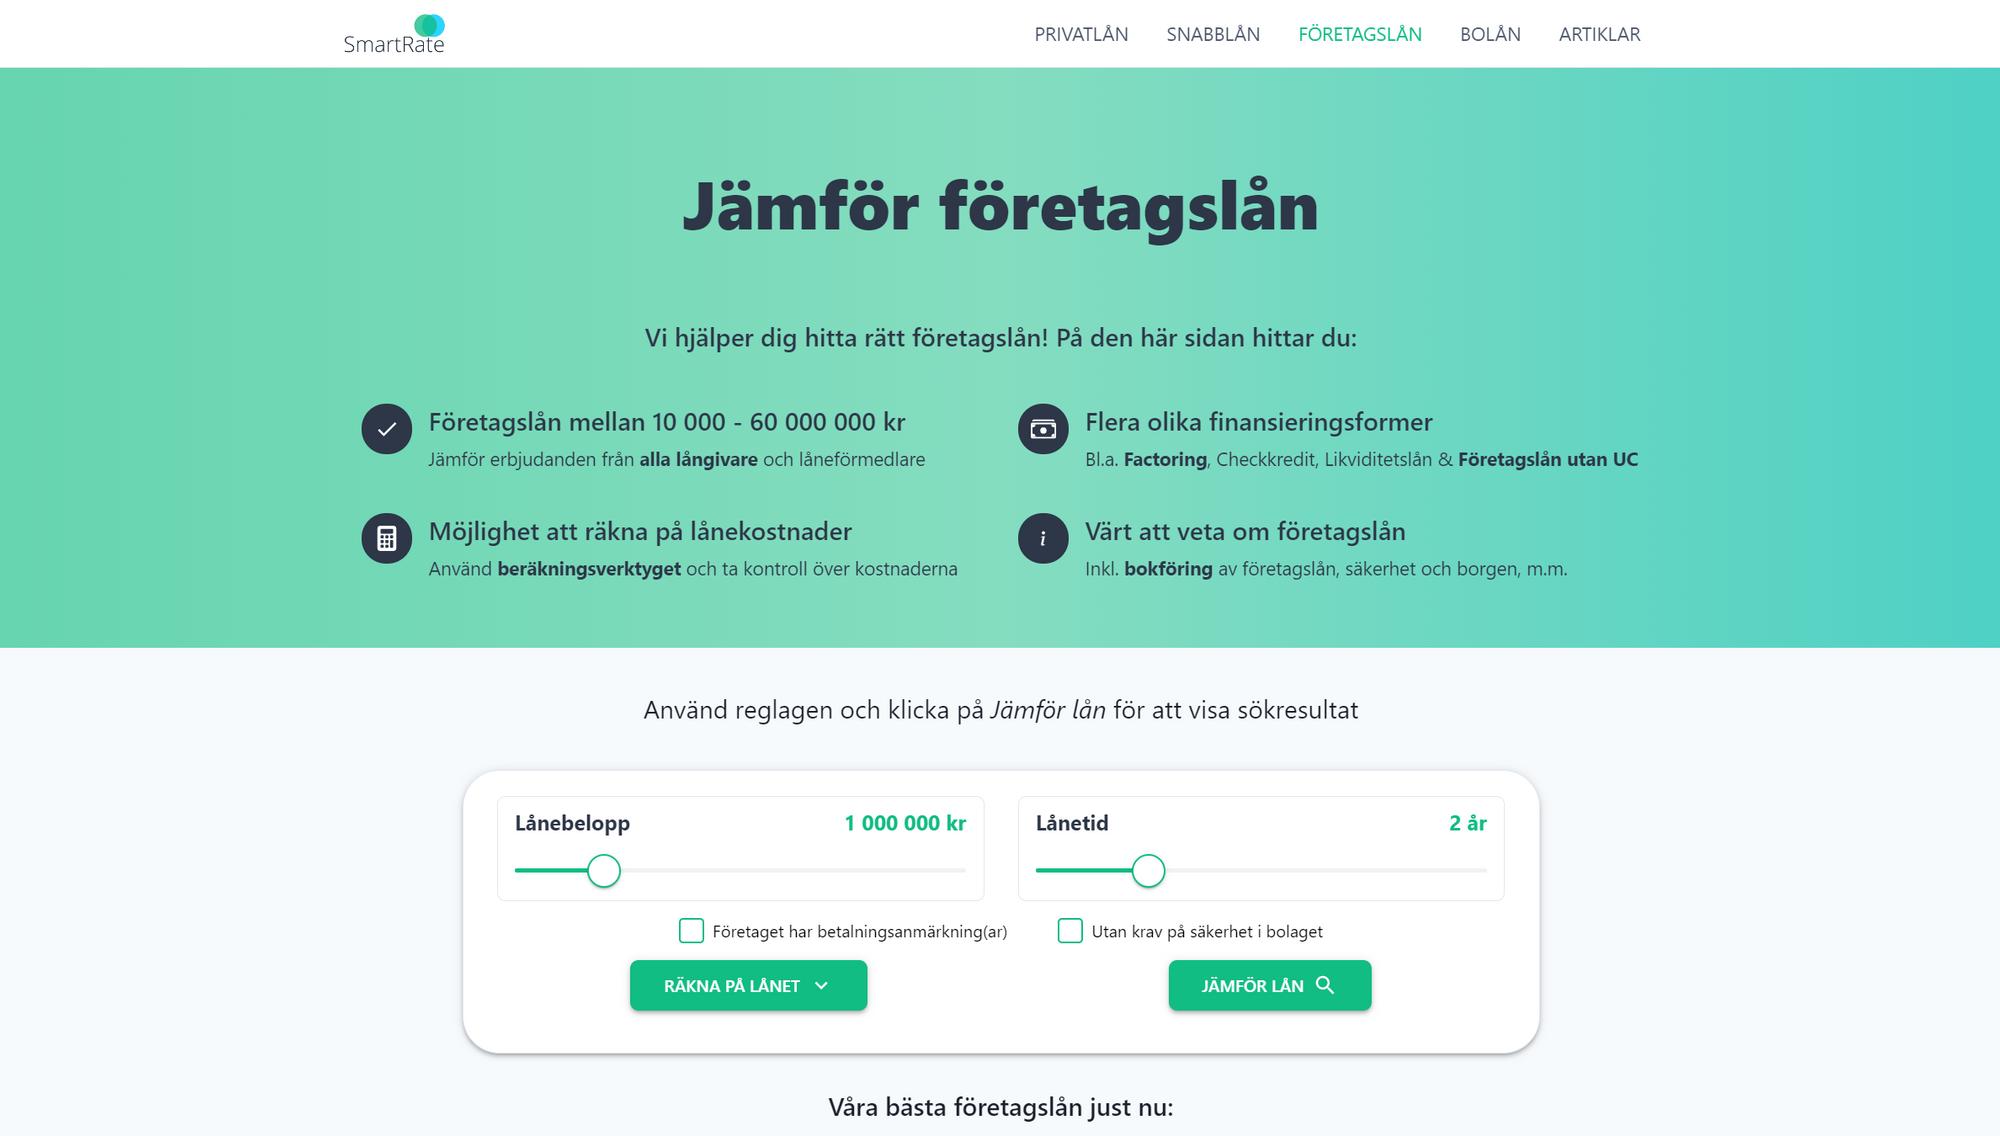 A screenshot of the SmartRate jämför företagslån subpage